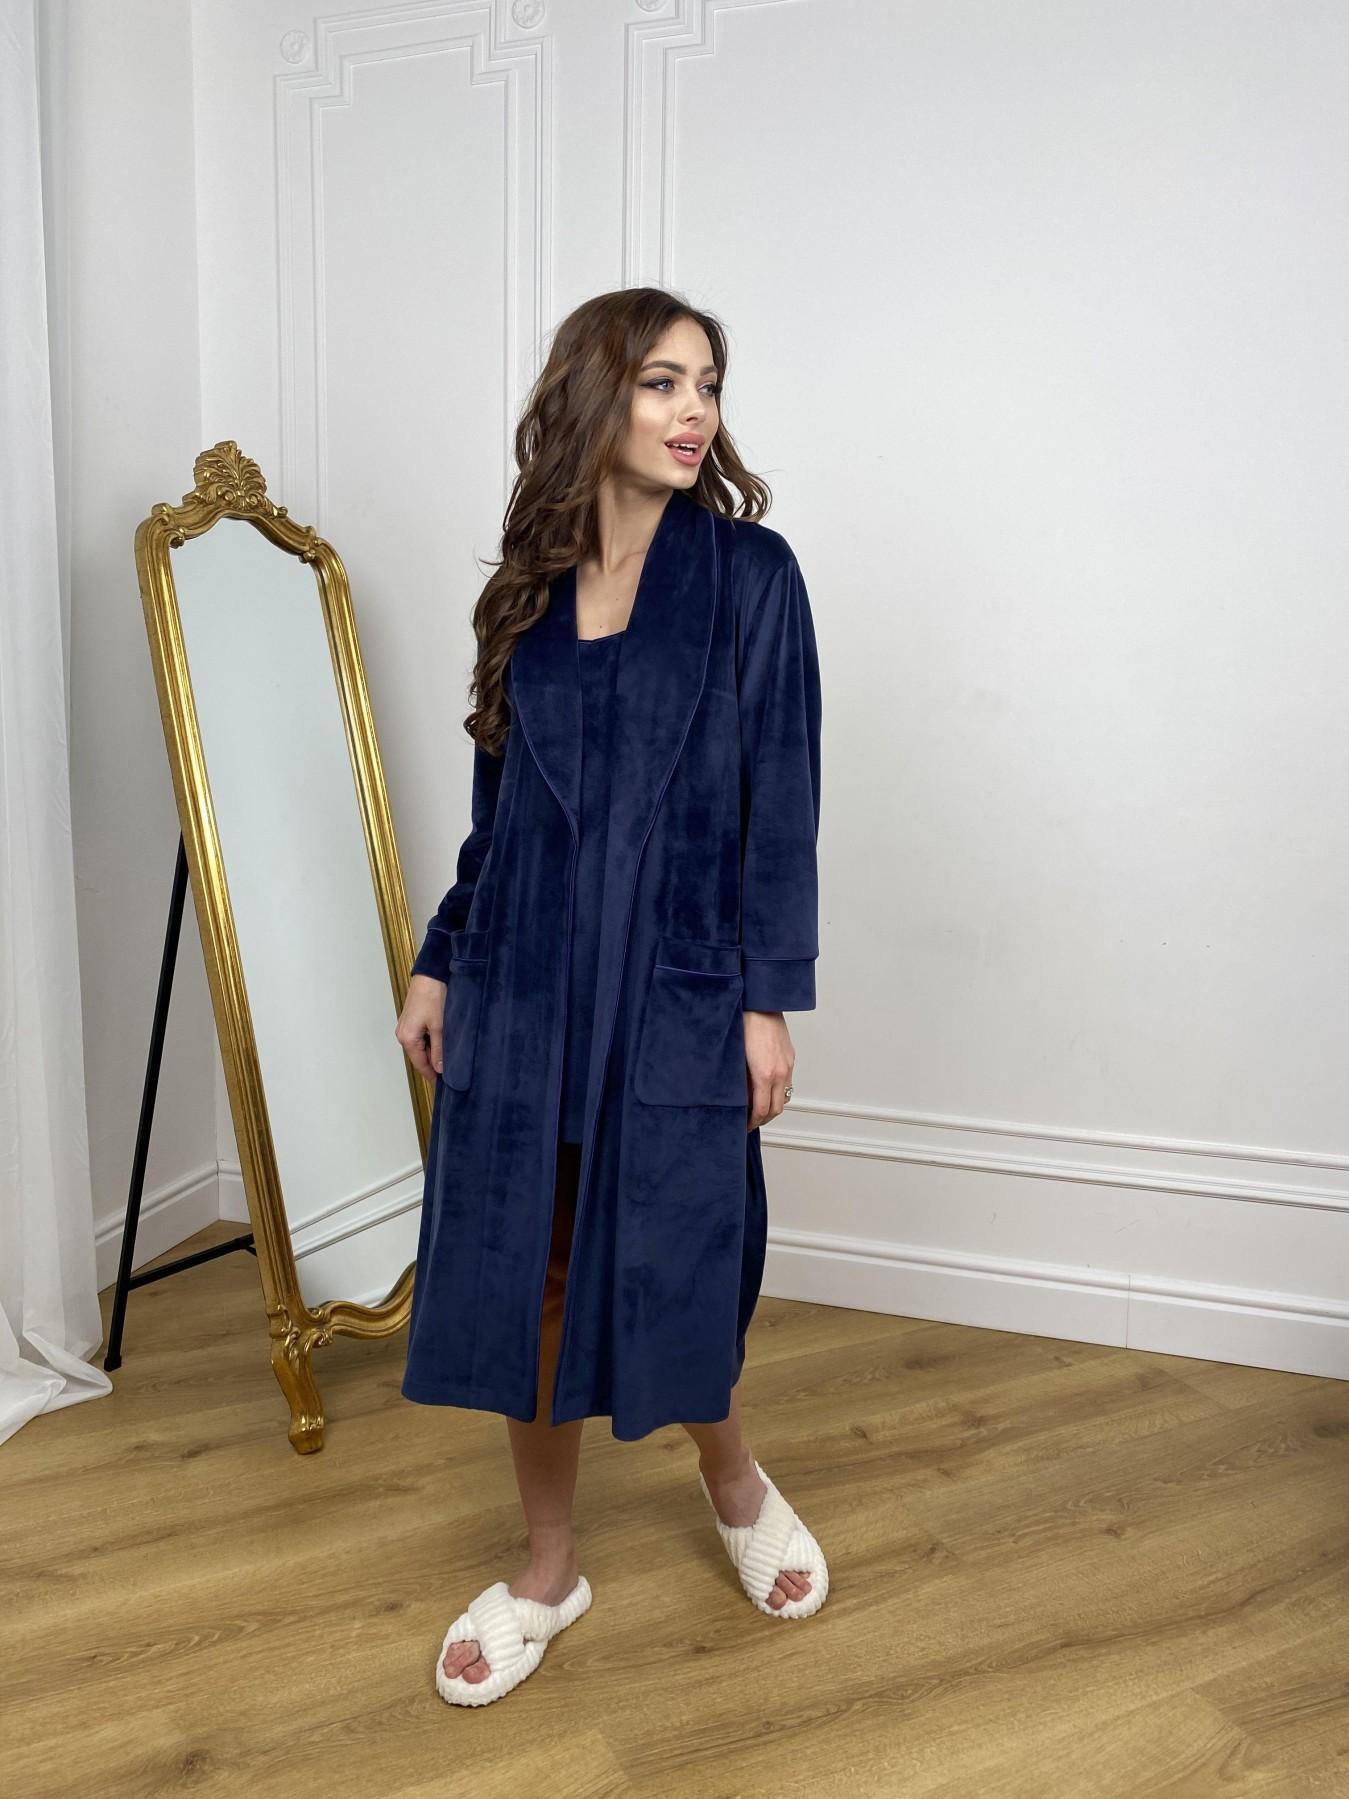 Сандрин миди халат из велюровой ткани 10510 АРТ. 46849 Цвет: т. синий - фото 2, интернет магазин tm-modus.ru